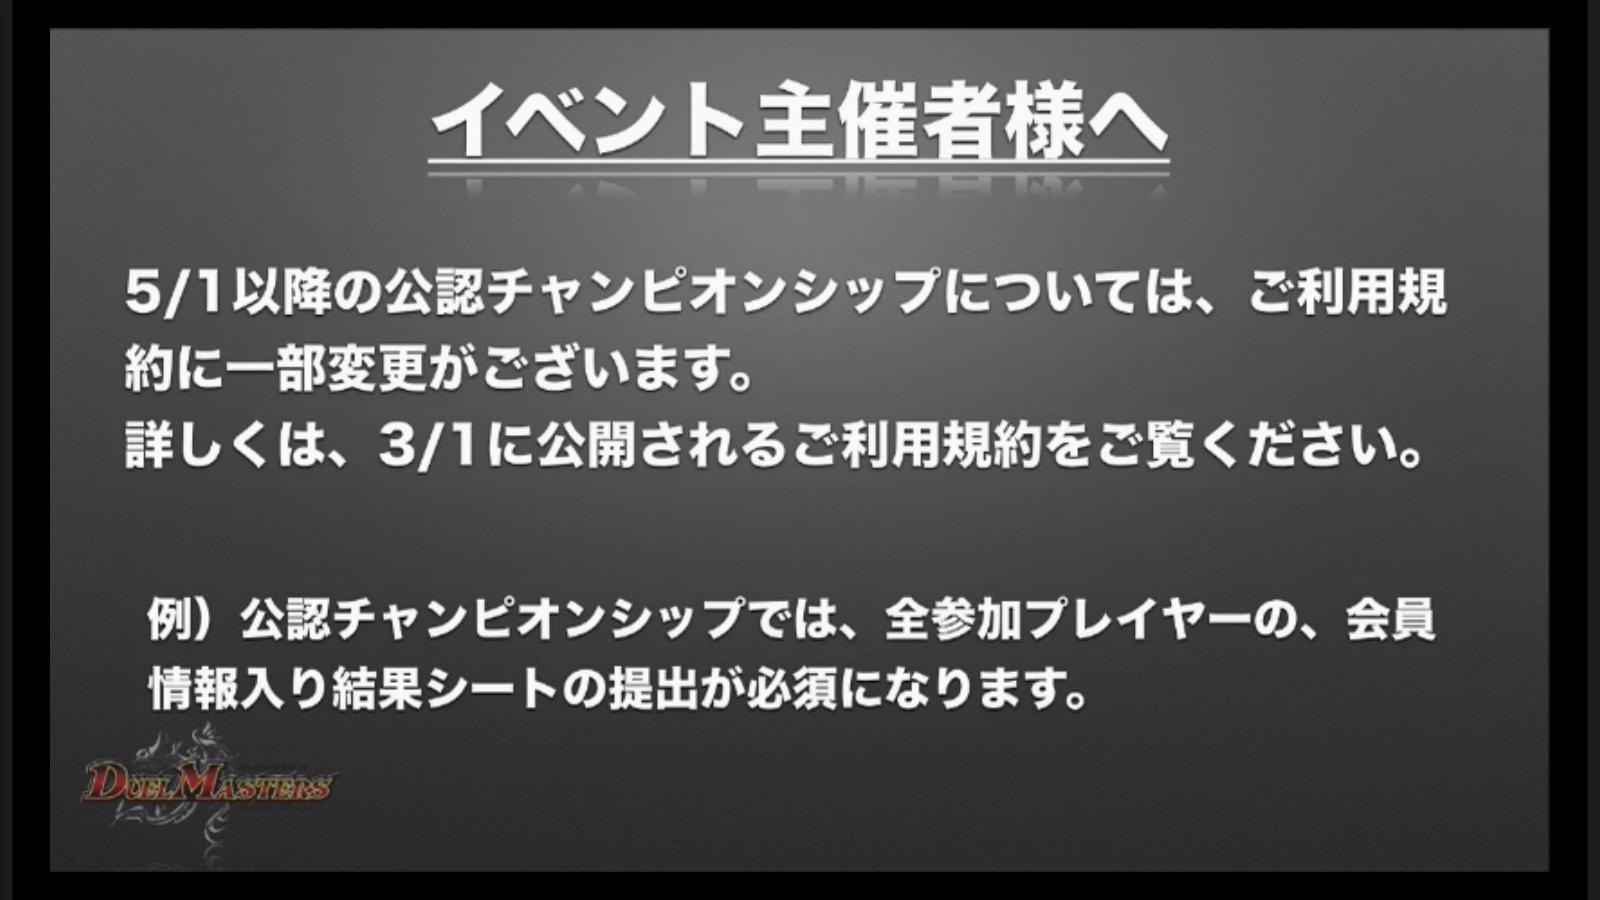 dm-kakumei-finalcup-news-170226-081.jpg